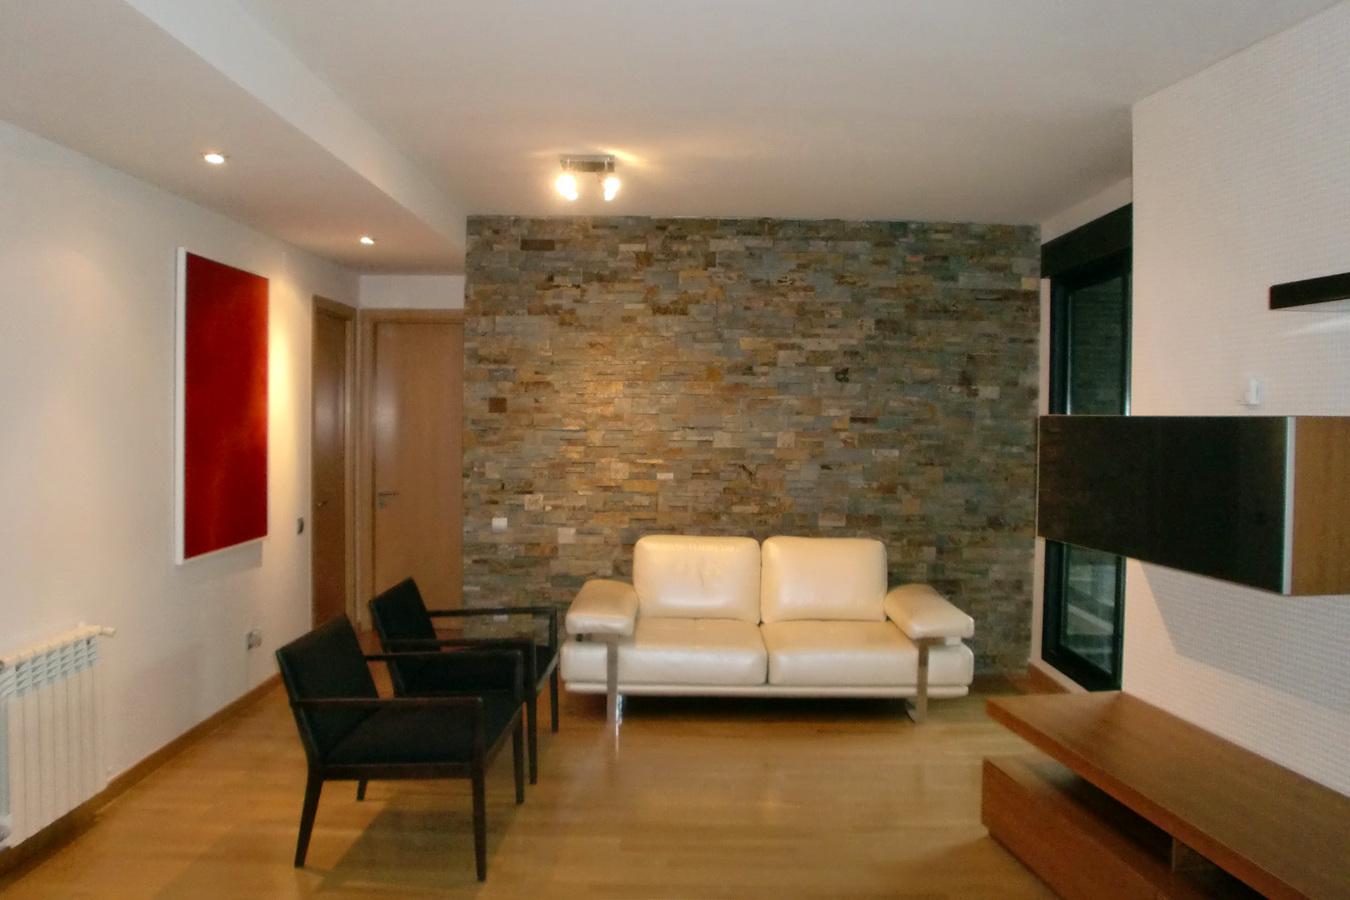 Foto reforma e interiorismo piso en las tablas de spacio10 arquitectura s l 246949 habitissimo - Fotos de interiorismo ...